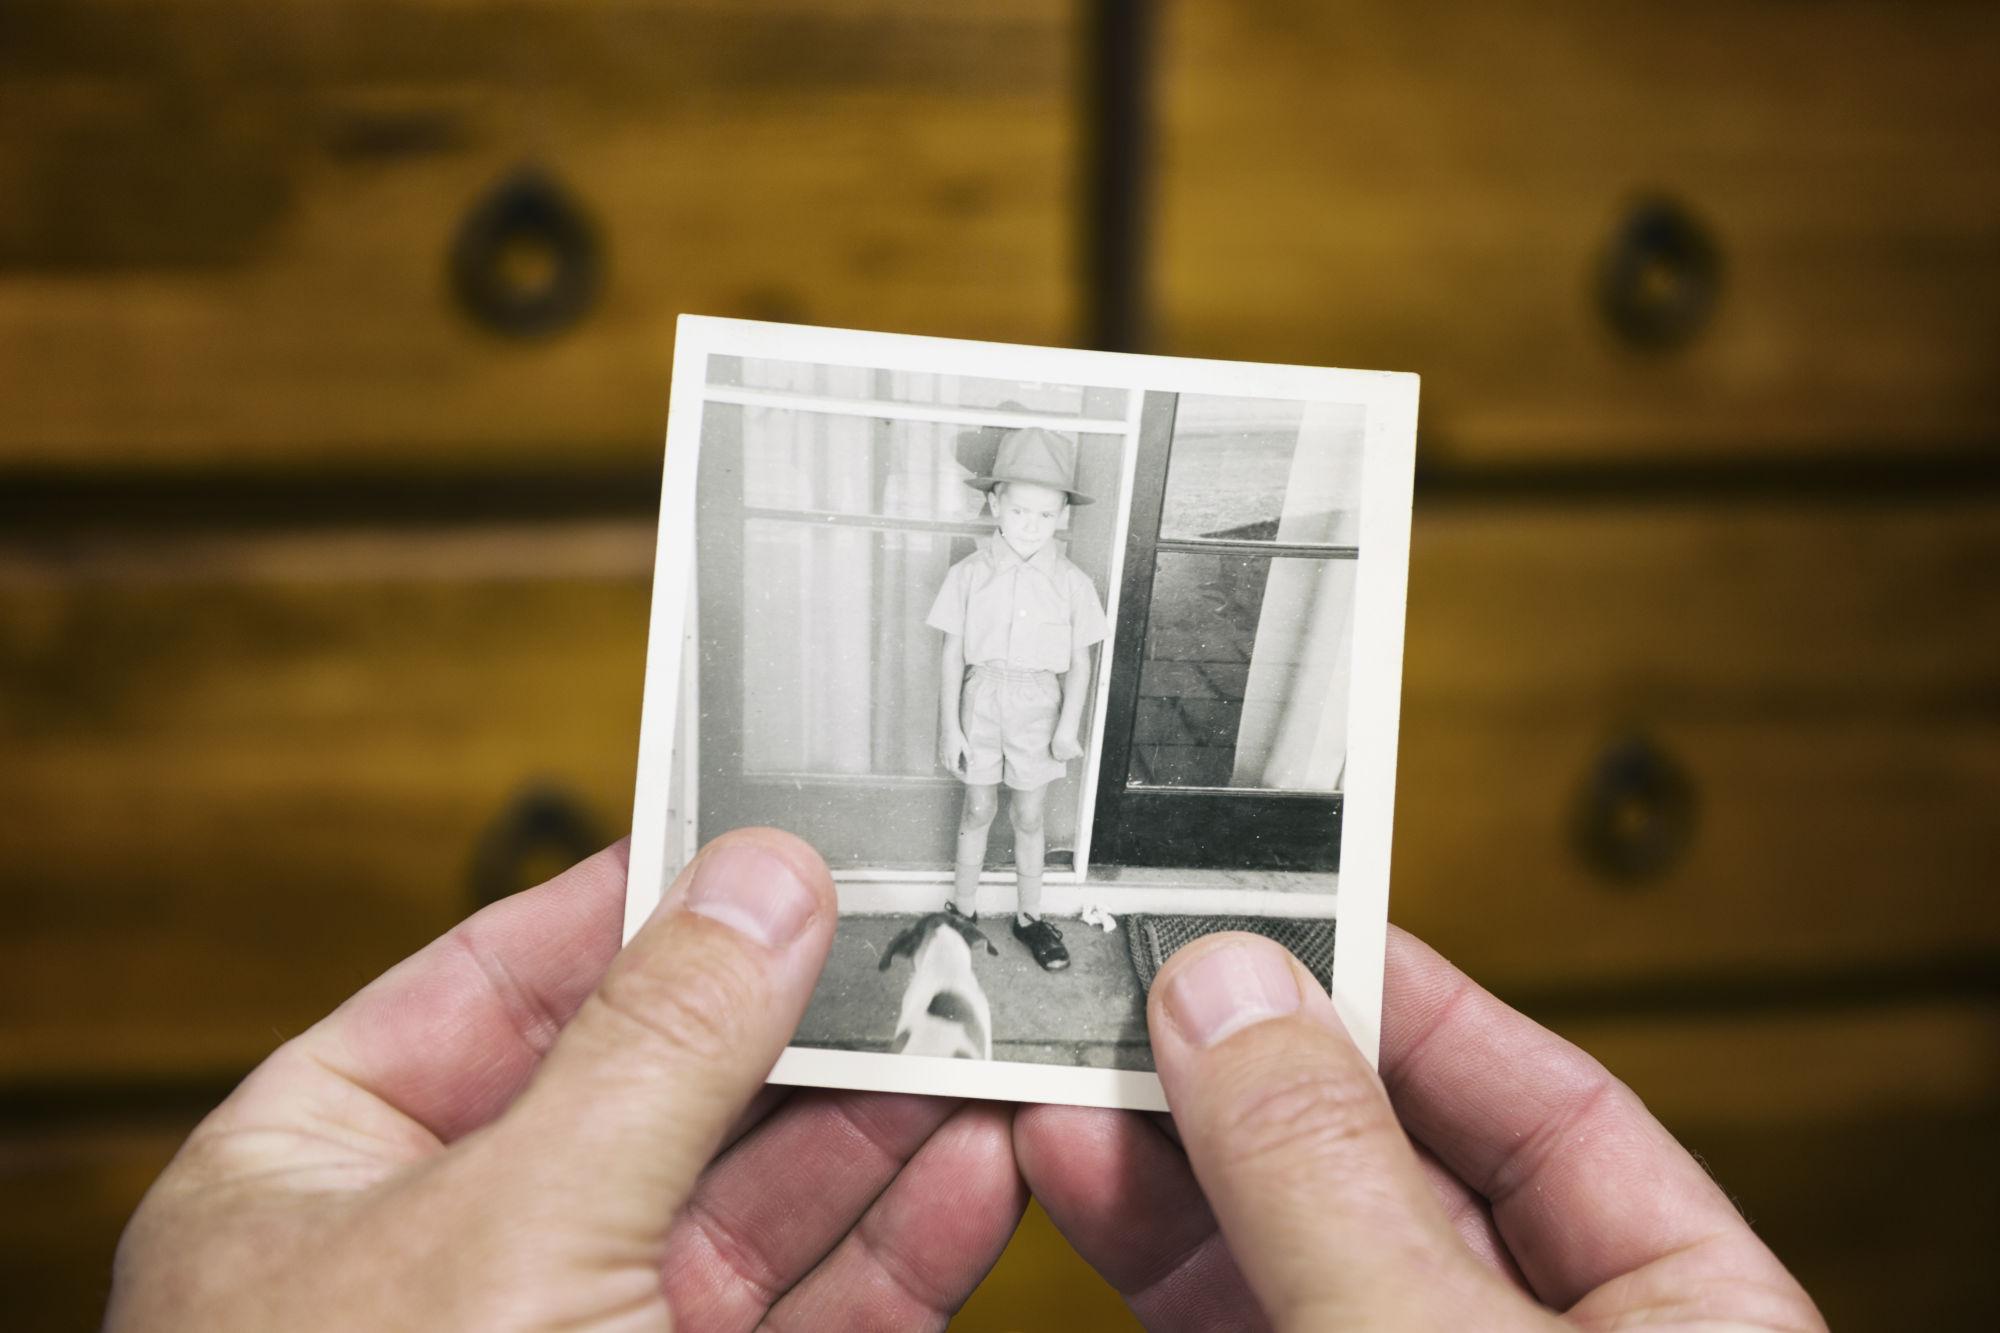 una persona viendo la foto de un niño